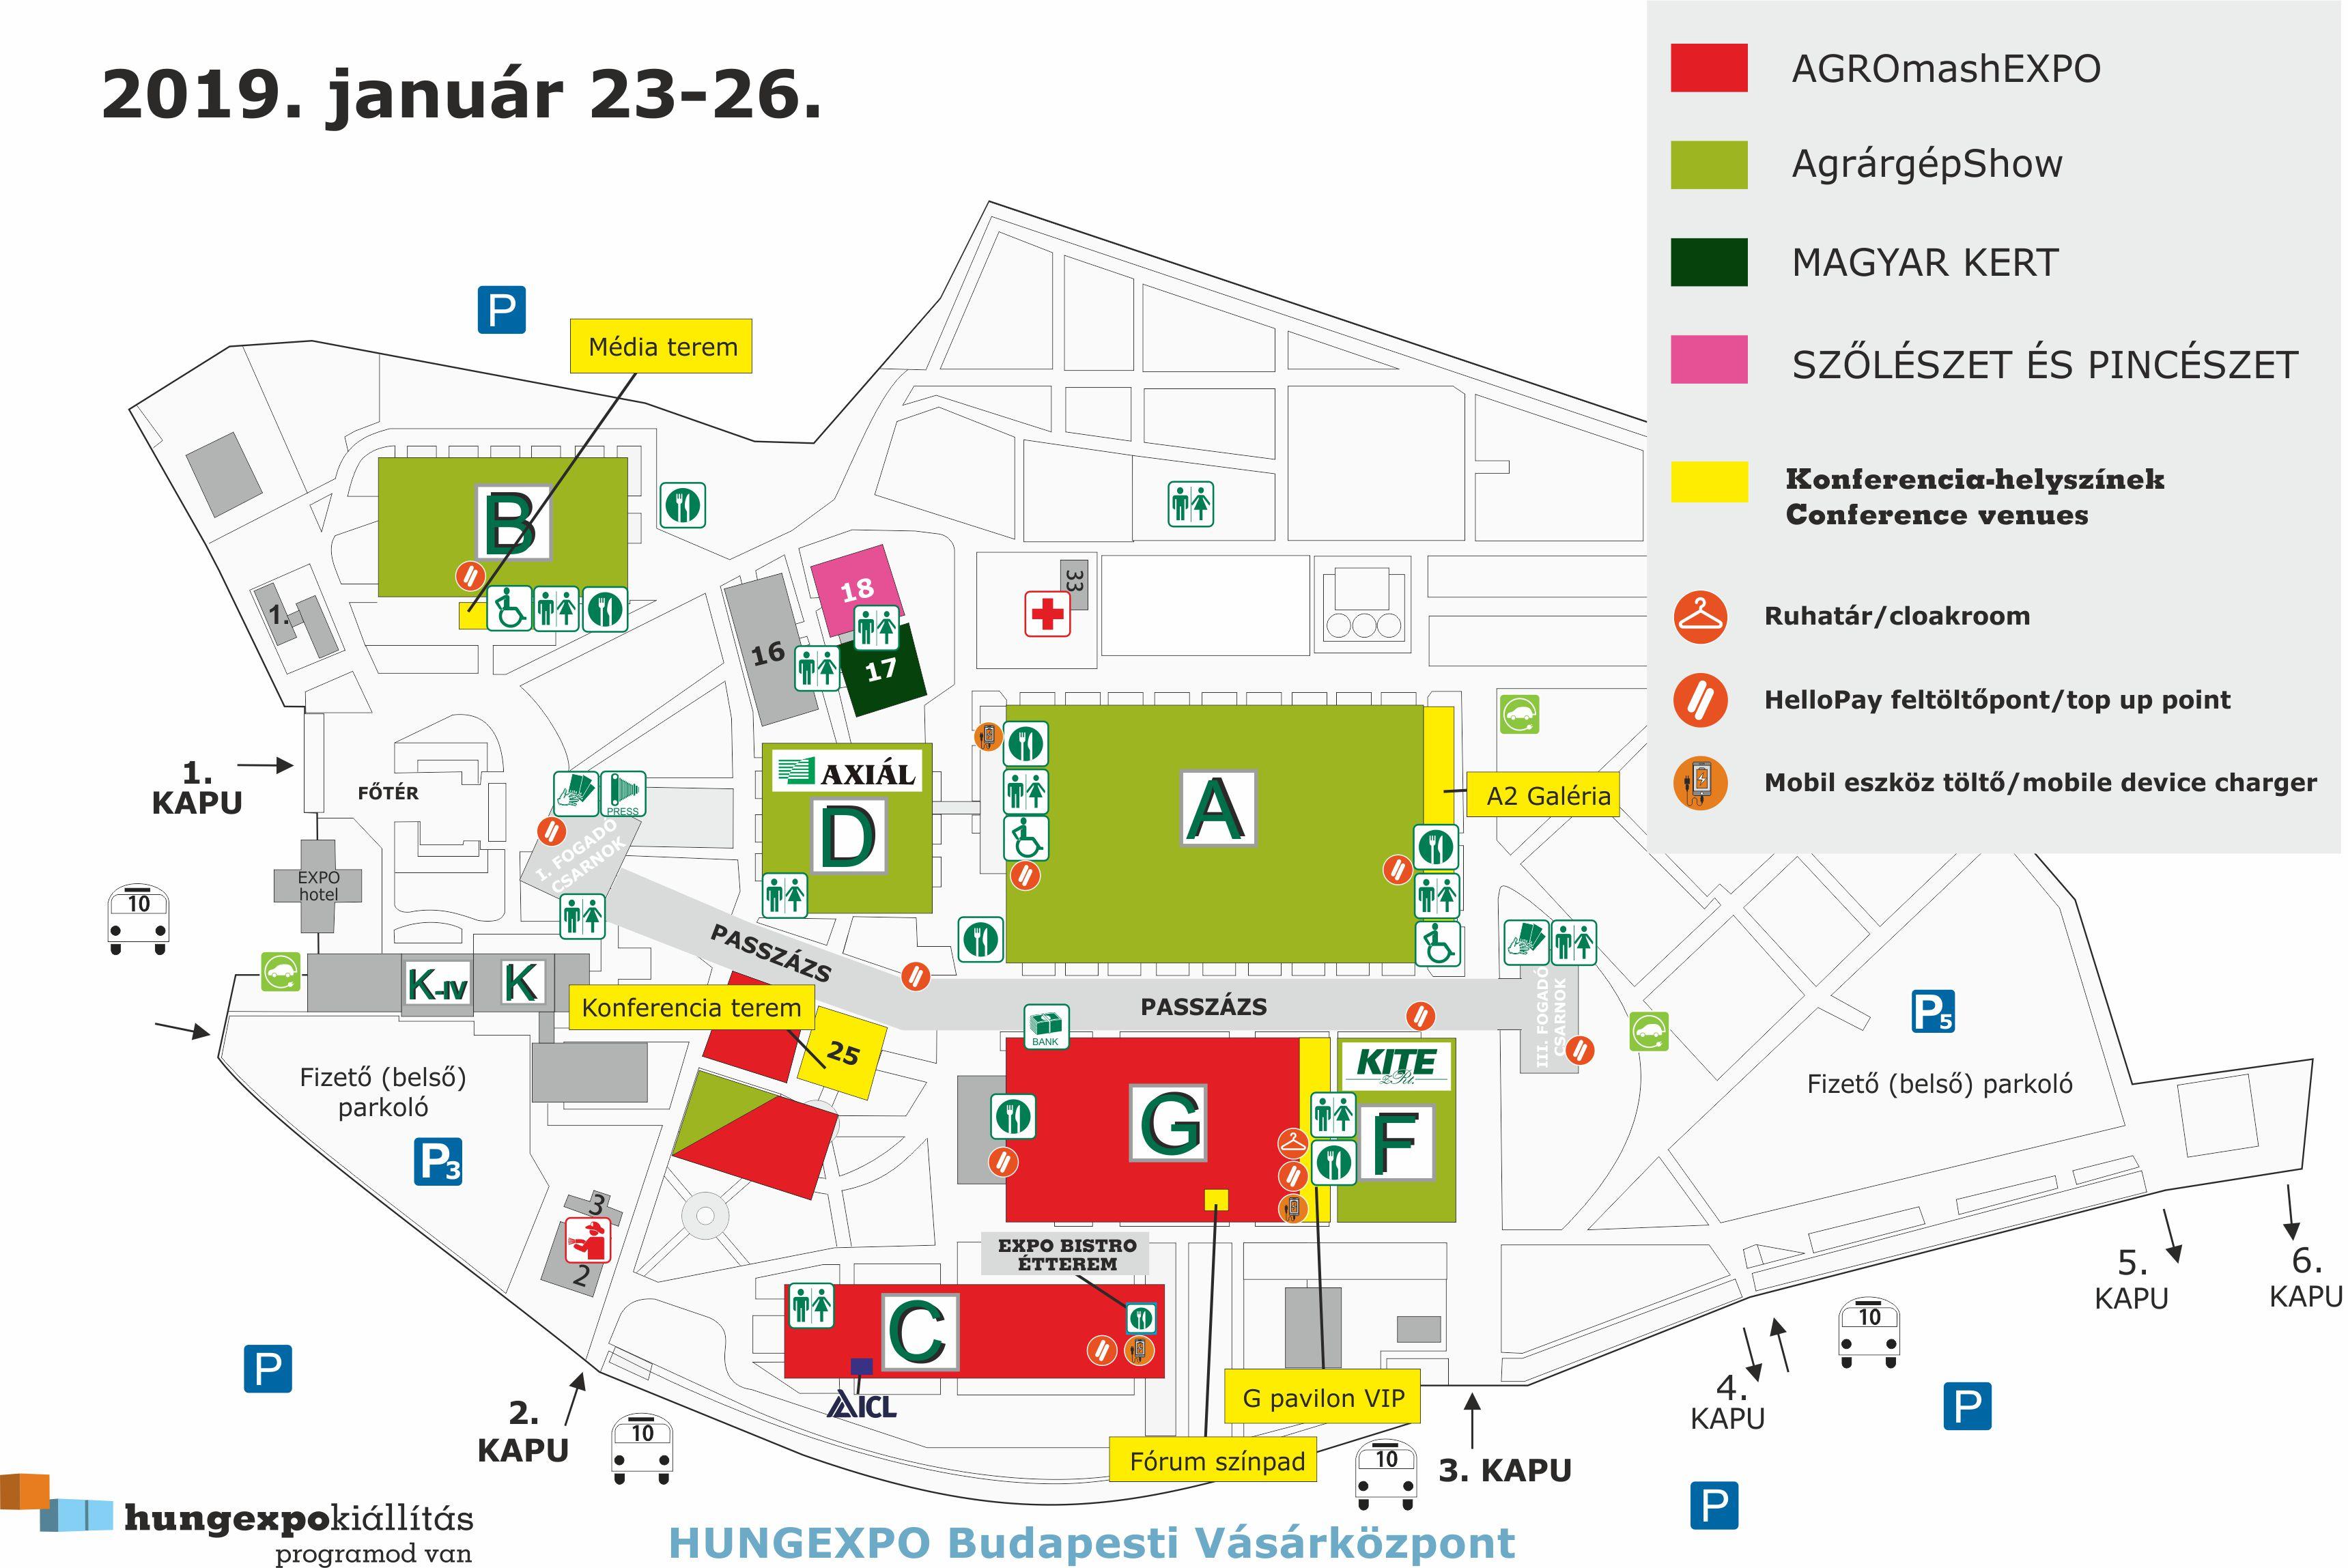 hungexpo térkép AGROmashEXPO   térkép